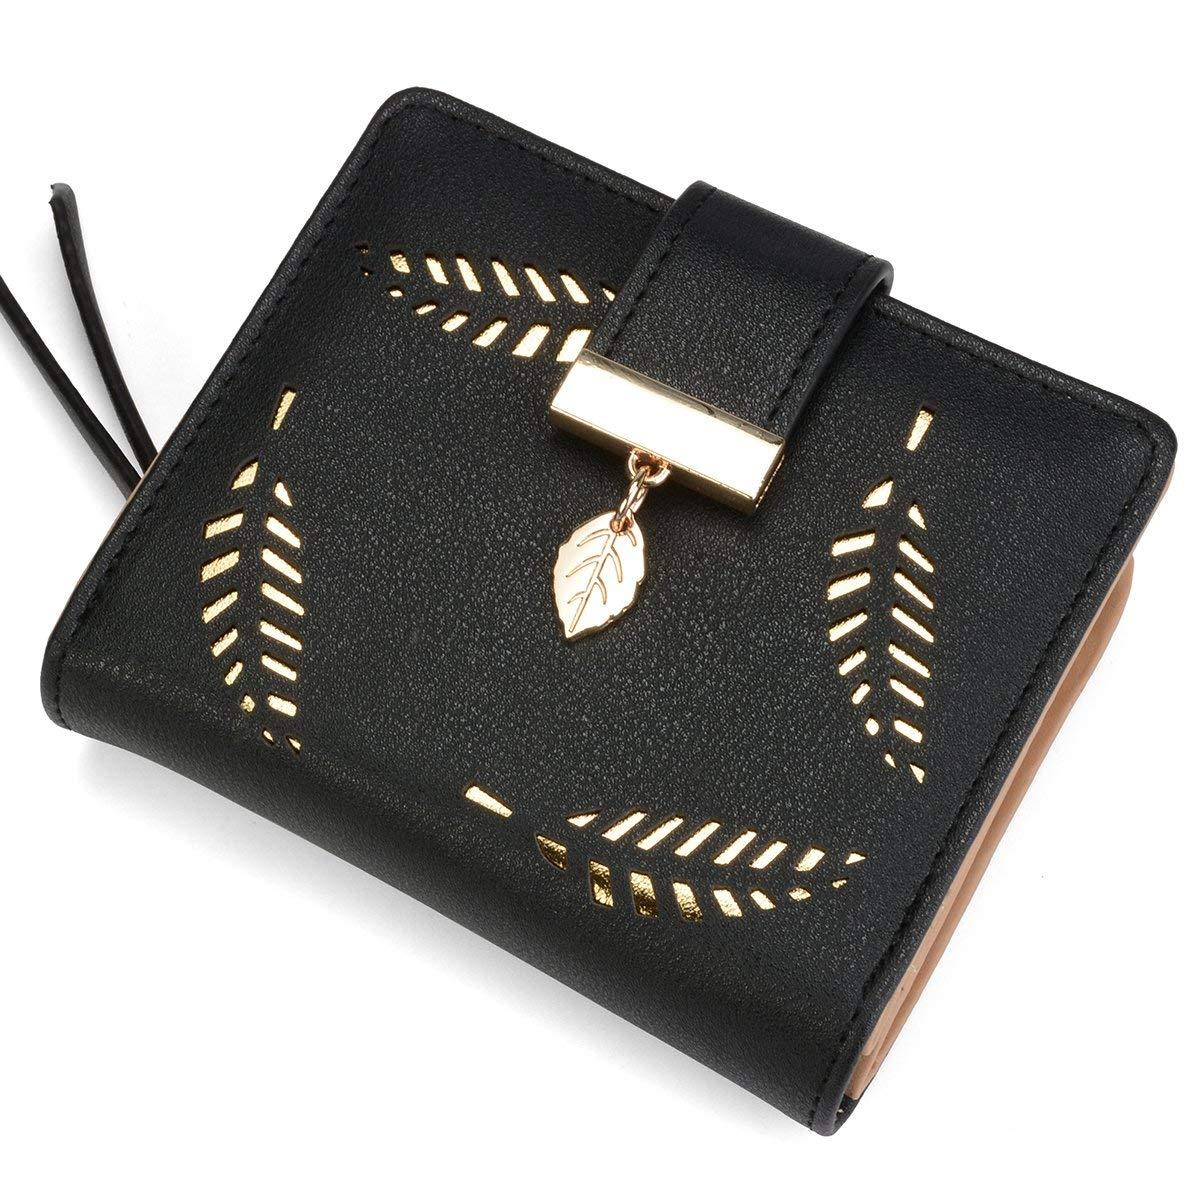 PARADOX (LABEL) Girls Leaf Bi-fold Card Holder Womens Purse Clutch Wallet  (Black)  Amazon.in  Shoes   Handbags a94046fce7